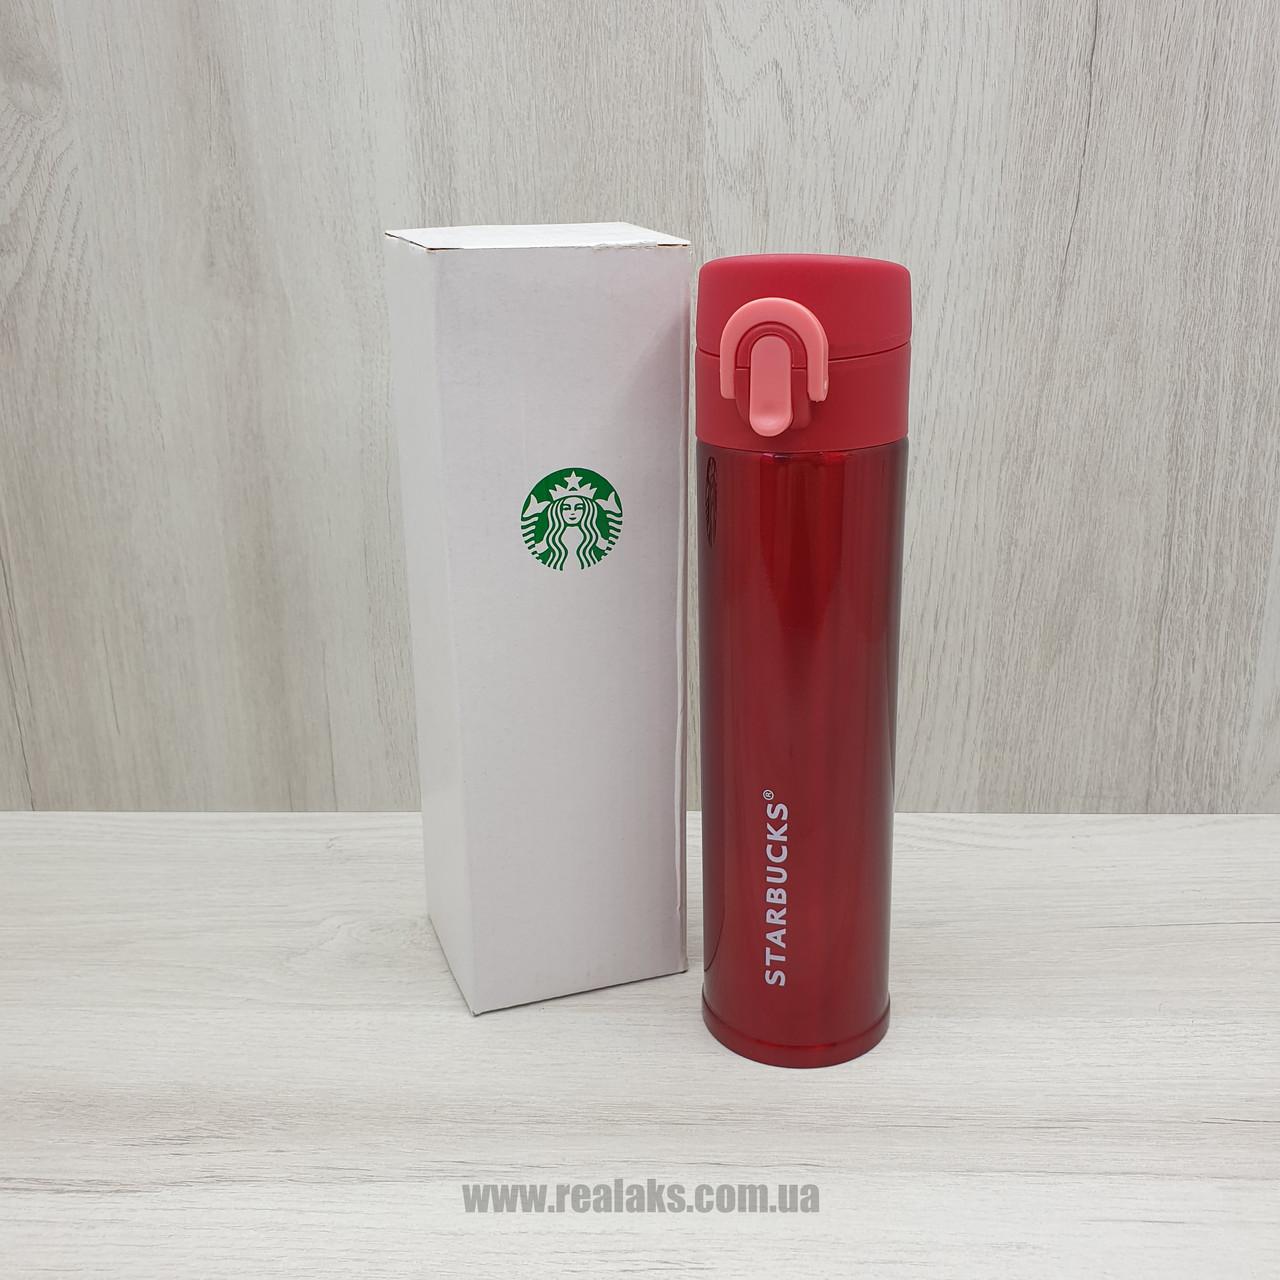 Термос Starbucks 500 мл (Red) копия